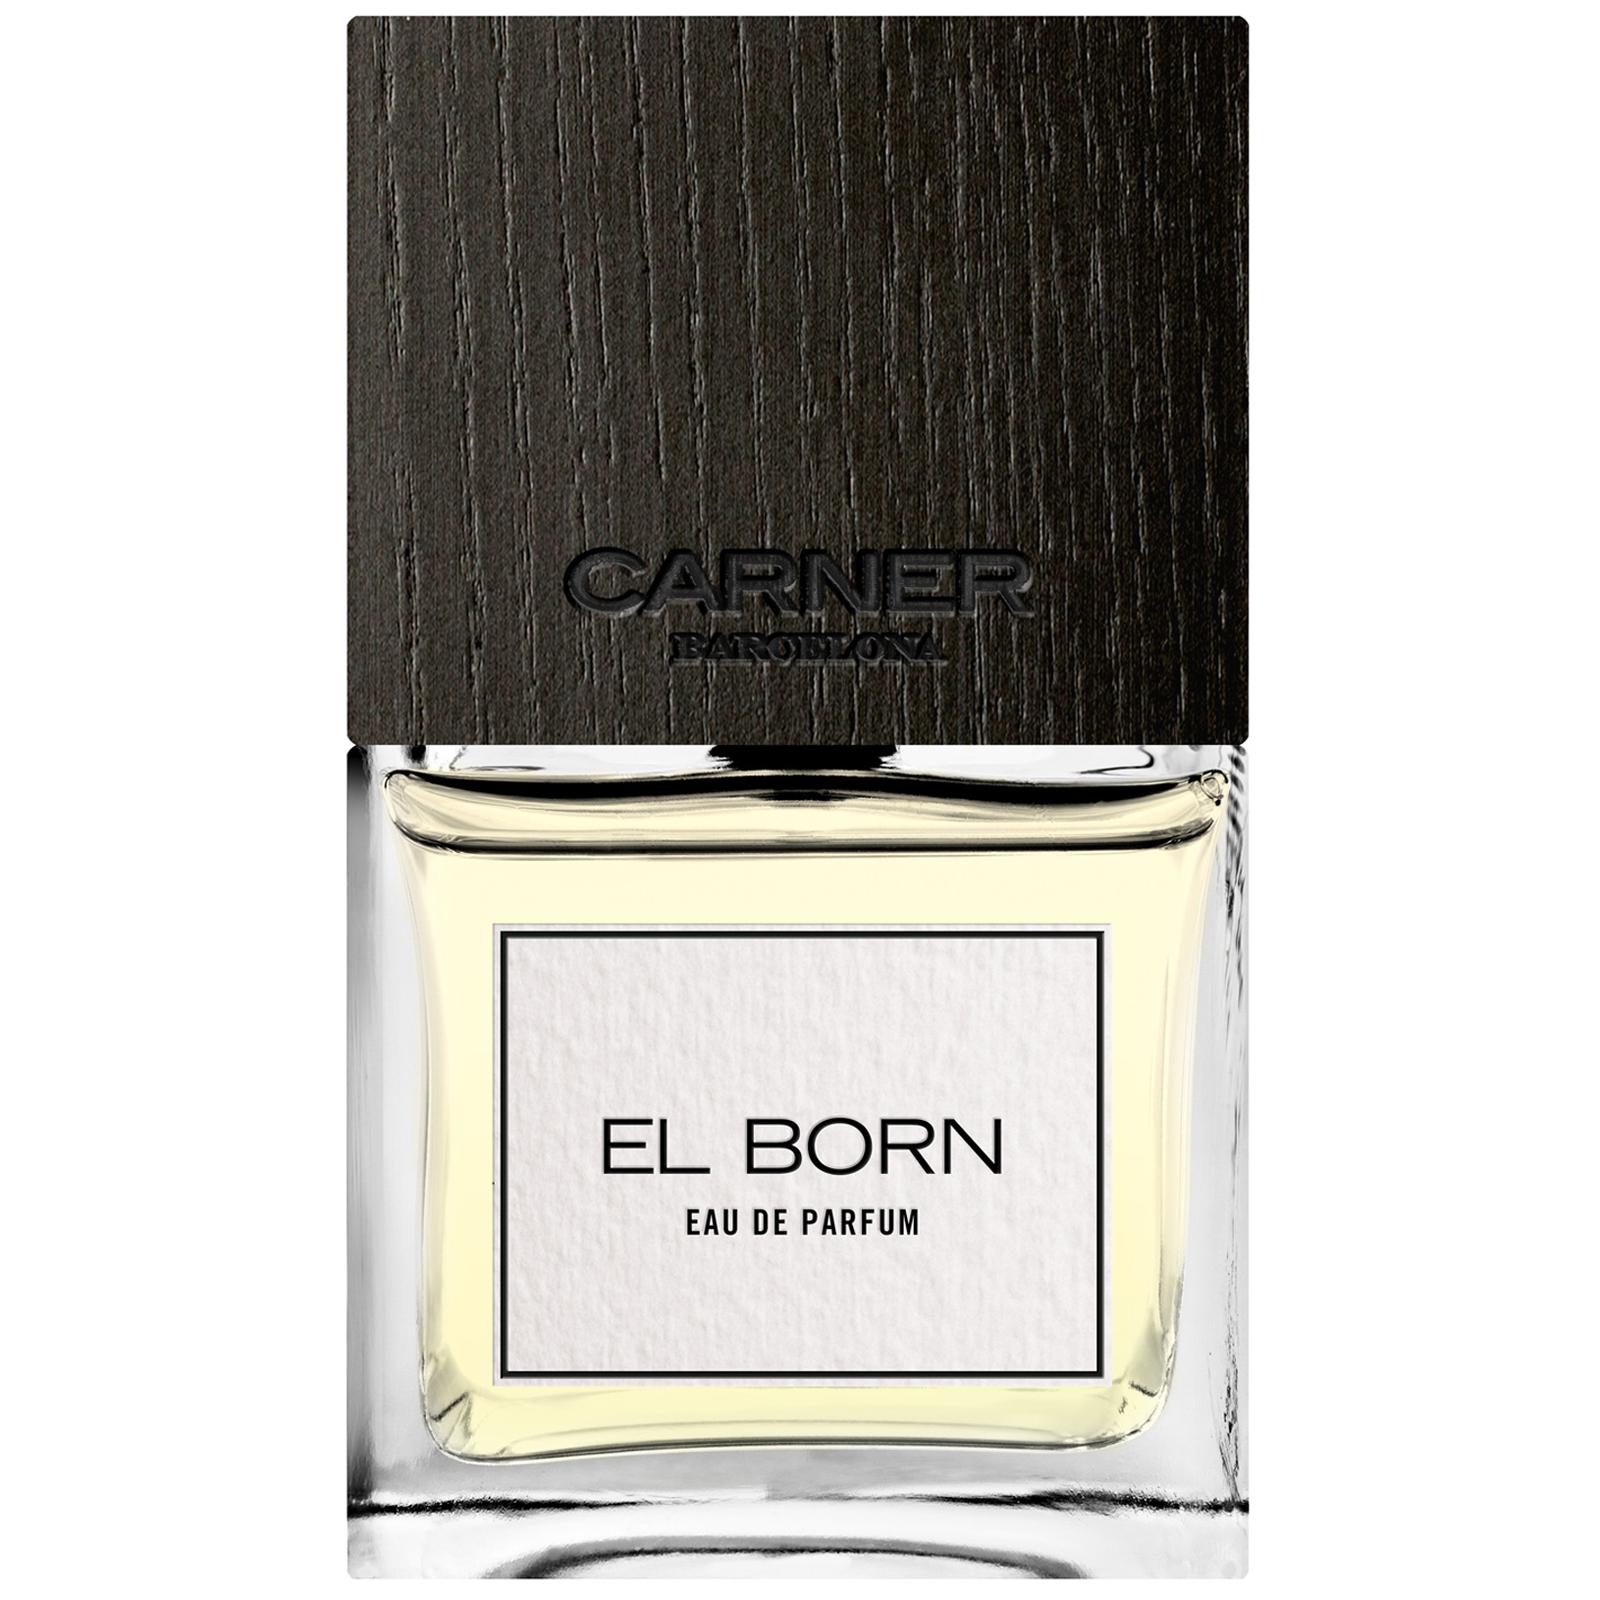 El born profumo eau de parfum 100 ml